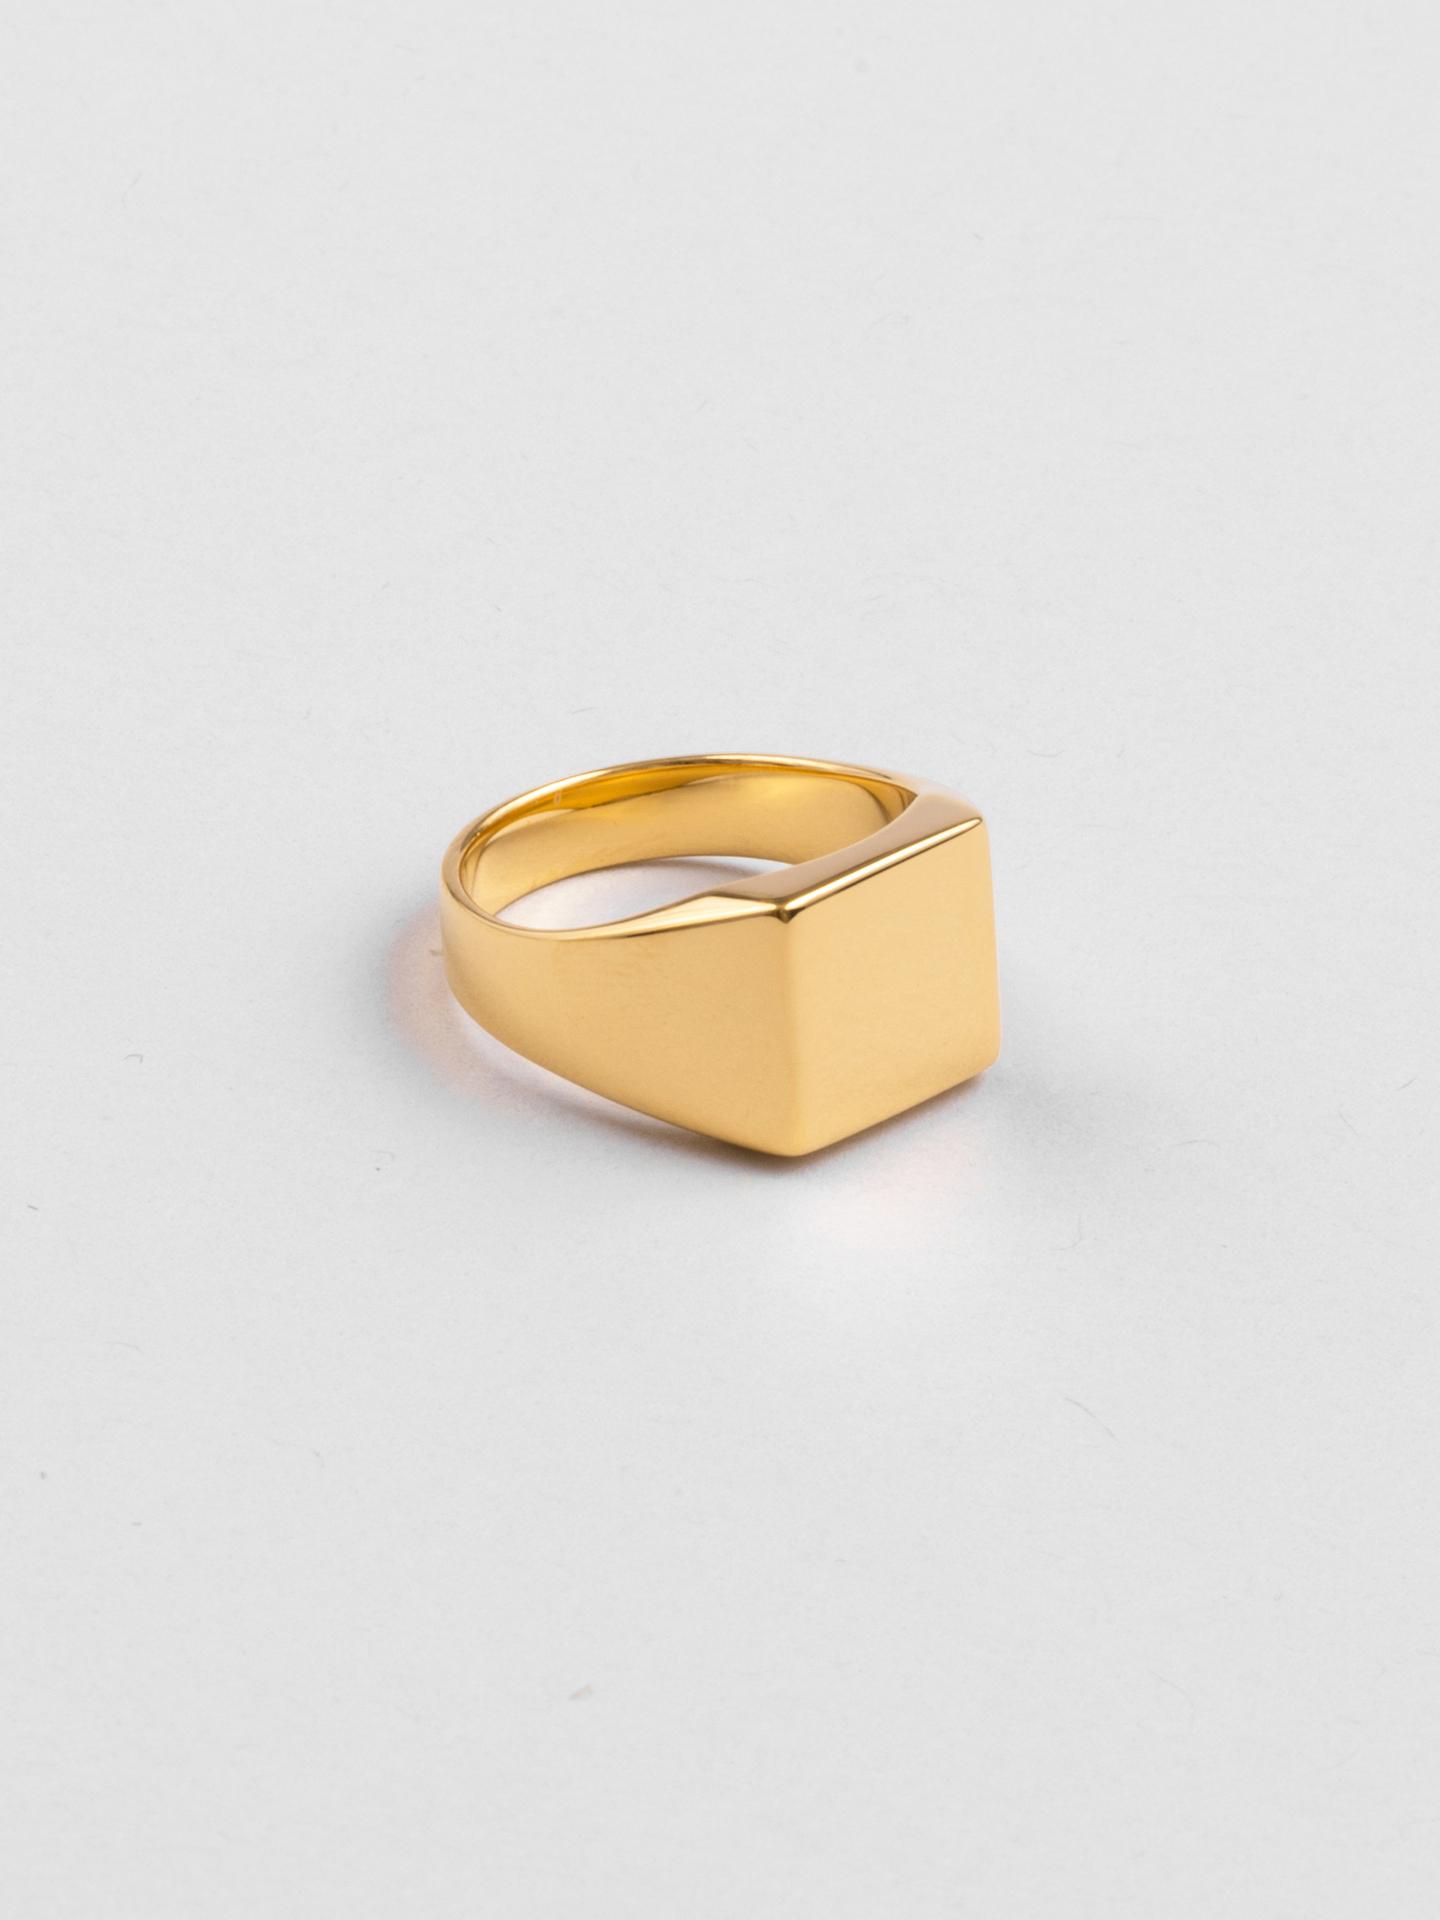 Signet Engraving Ring